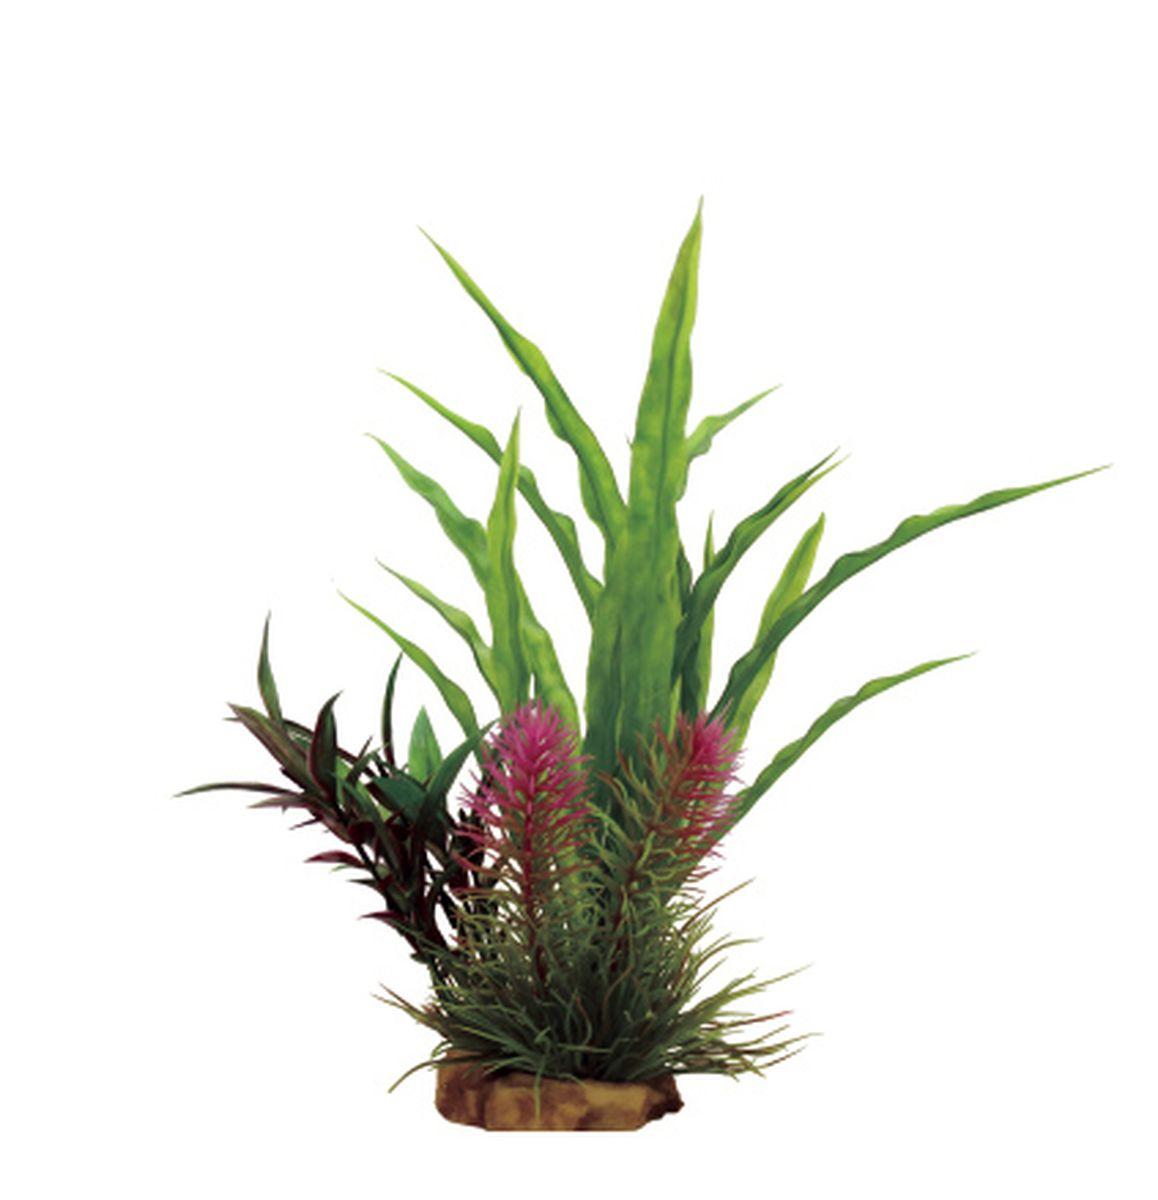 Композиция из растений для аквариума ArtUniq Криптокорина, 16 x 15 x 22 смART-1130811Композиция из искусственных растений ArtUniq превосходно украсит и оживит аквариум.Растения - это важная часть любой композиции, они помогут вдохнуть жизнь в ландшафт любого аквариума или террариума.Композиция является точной копией природного растения.